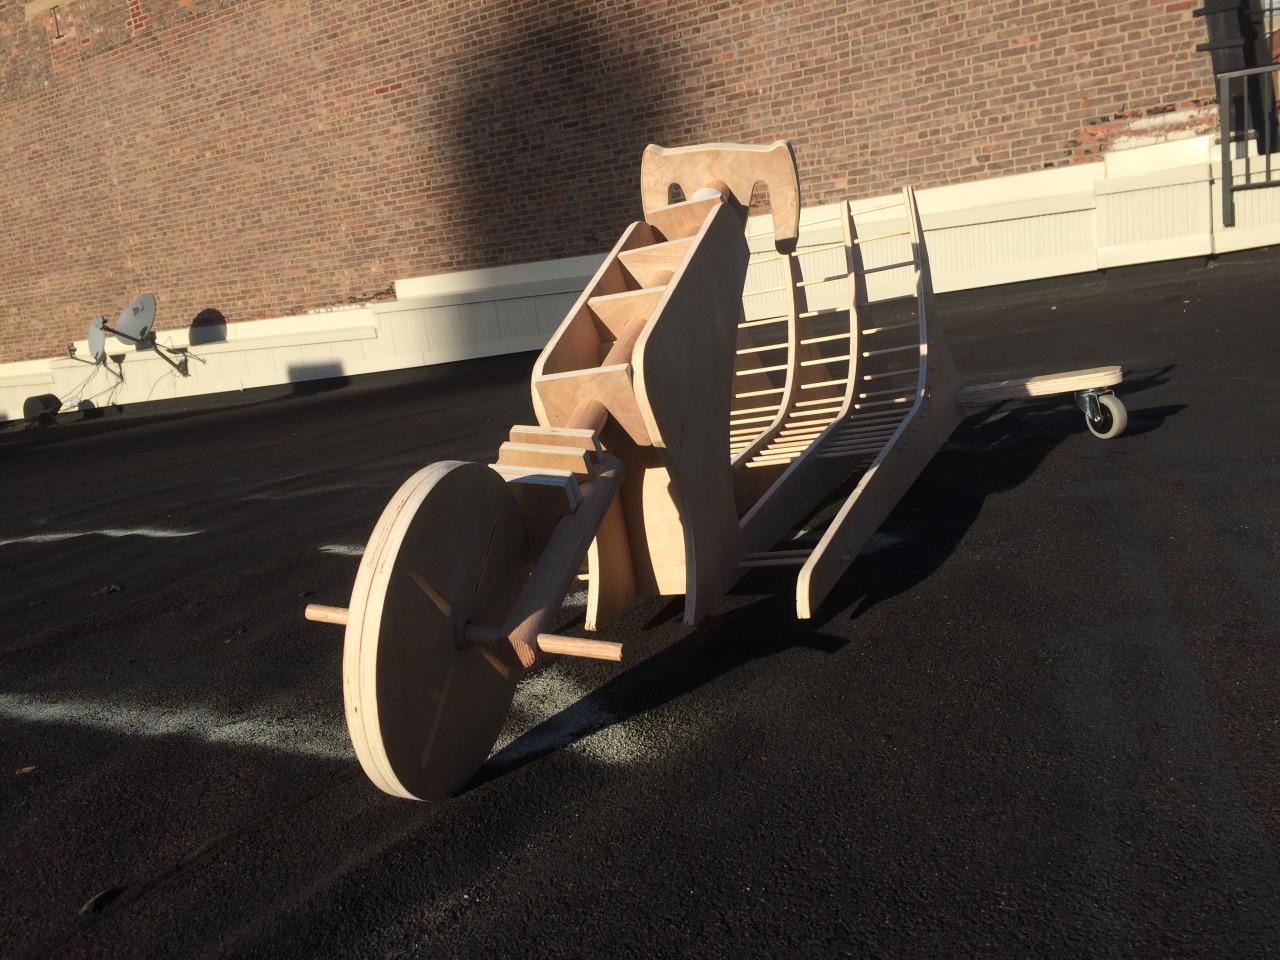 Drift Trike Prototype 2015 Max Ginesin